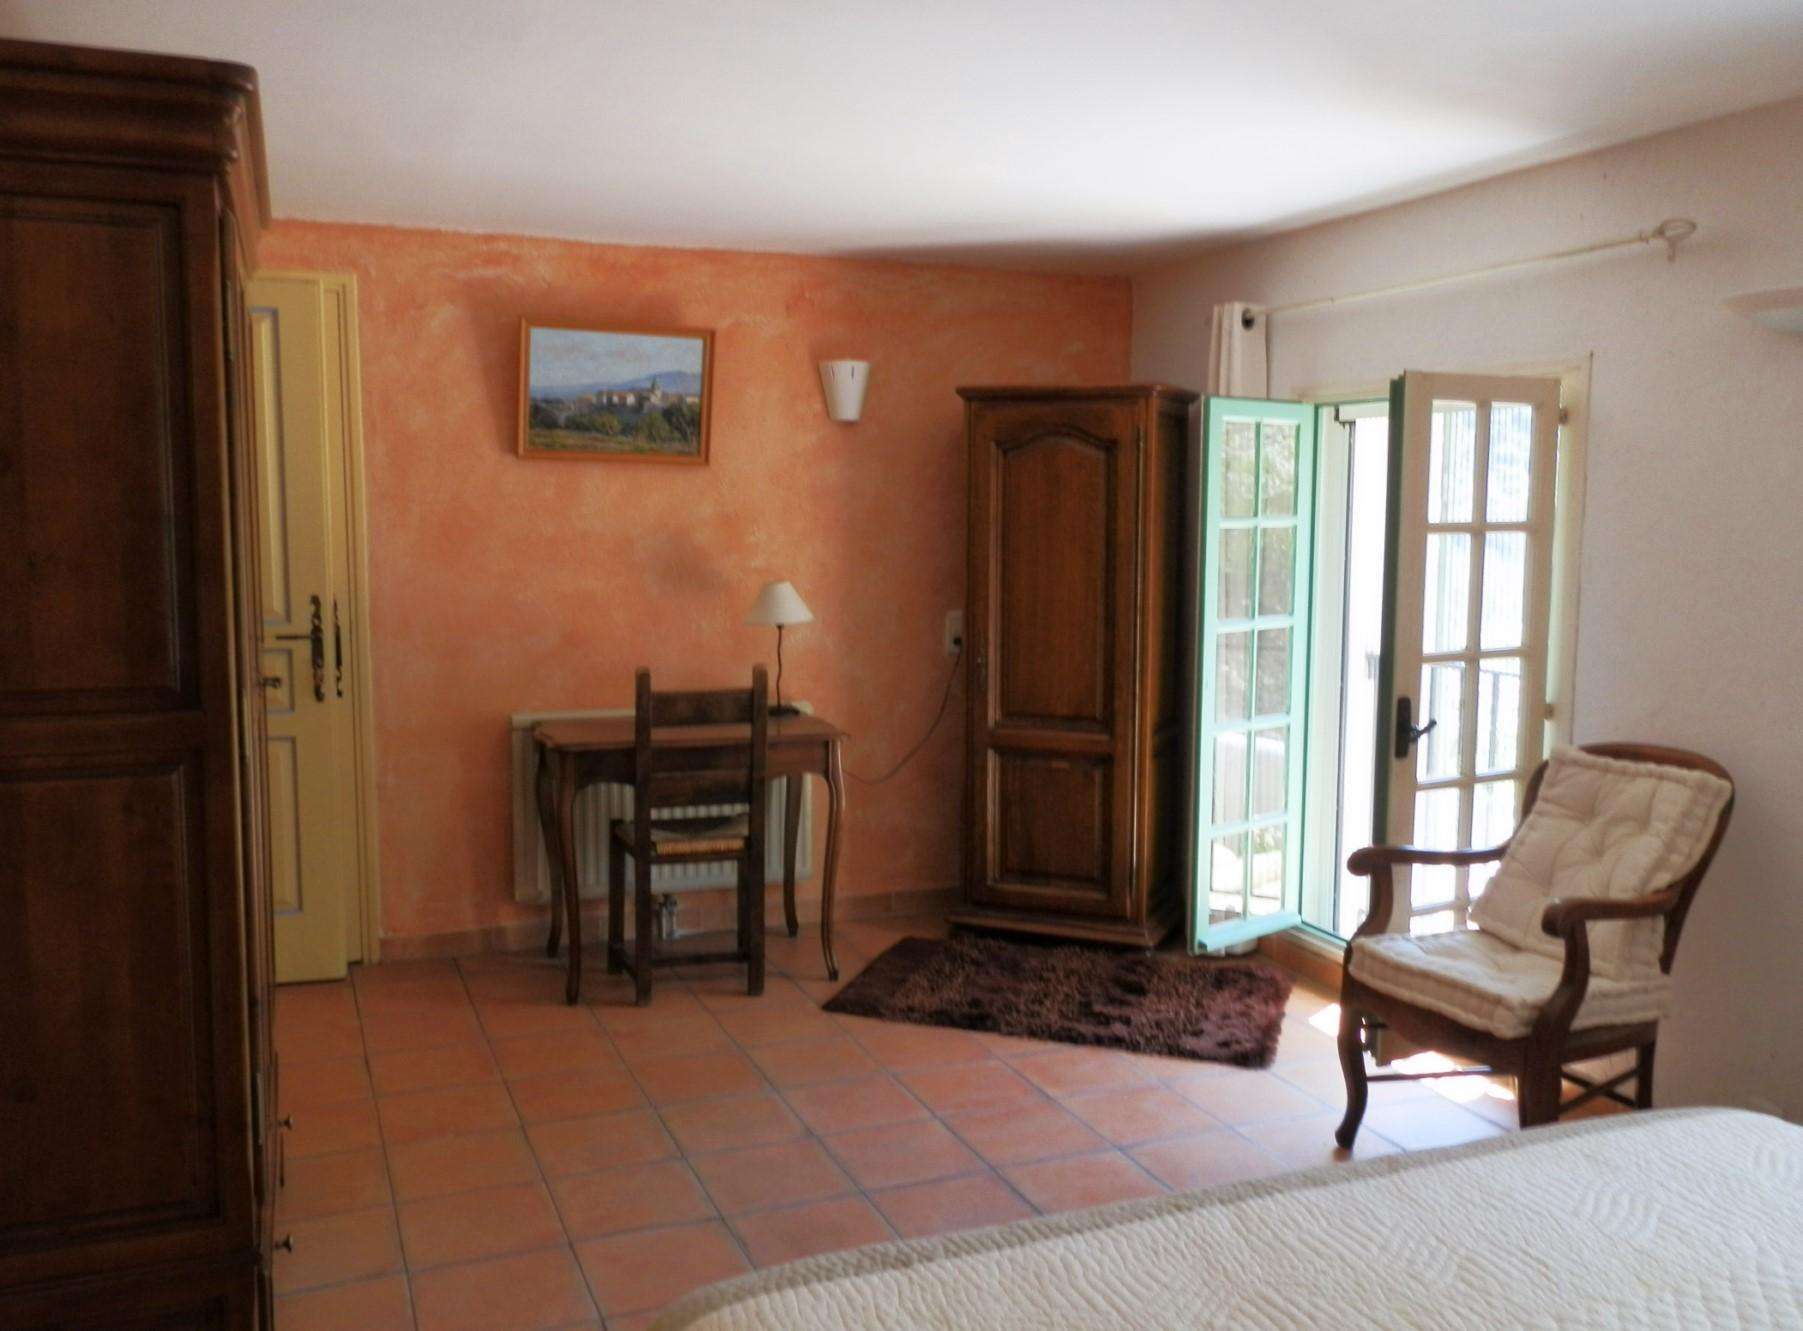 A vendre aux pieds des collines des Monts de Vaucluse, mas rénové avec piscine et vue